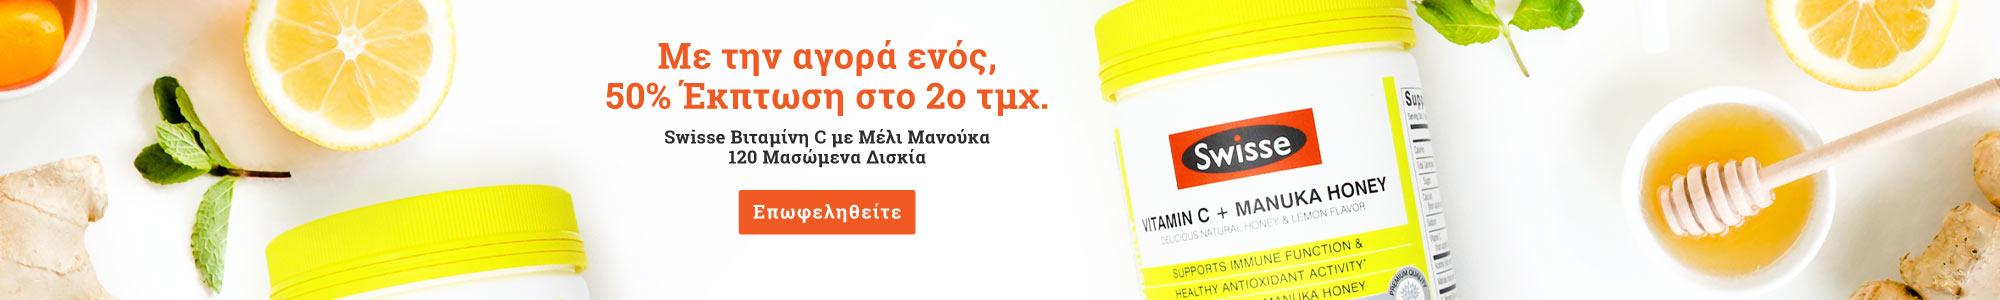 Με την αγορά ενός, 50% Έκπτωση στο 2ο τμχ. Swisse Βιταμίνη C με Μέλι Μανούκα 120 Μασώμενα Δισκία Επωφεληθείτε